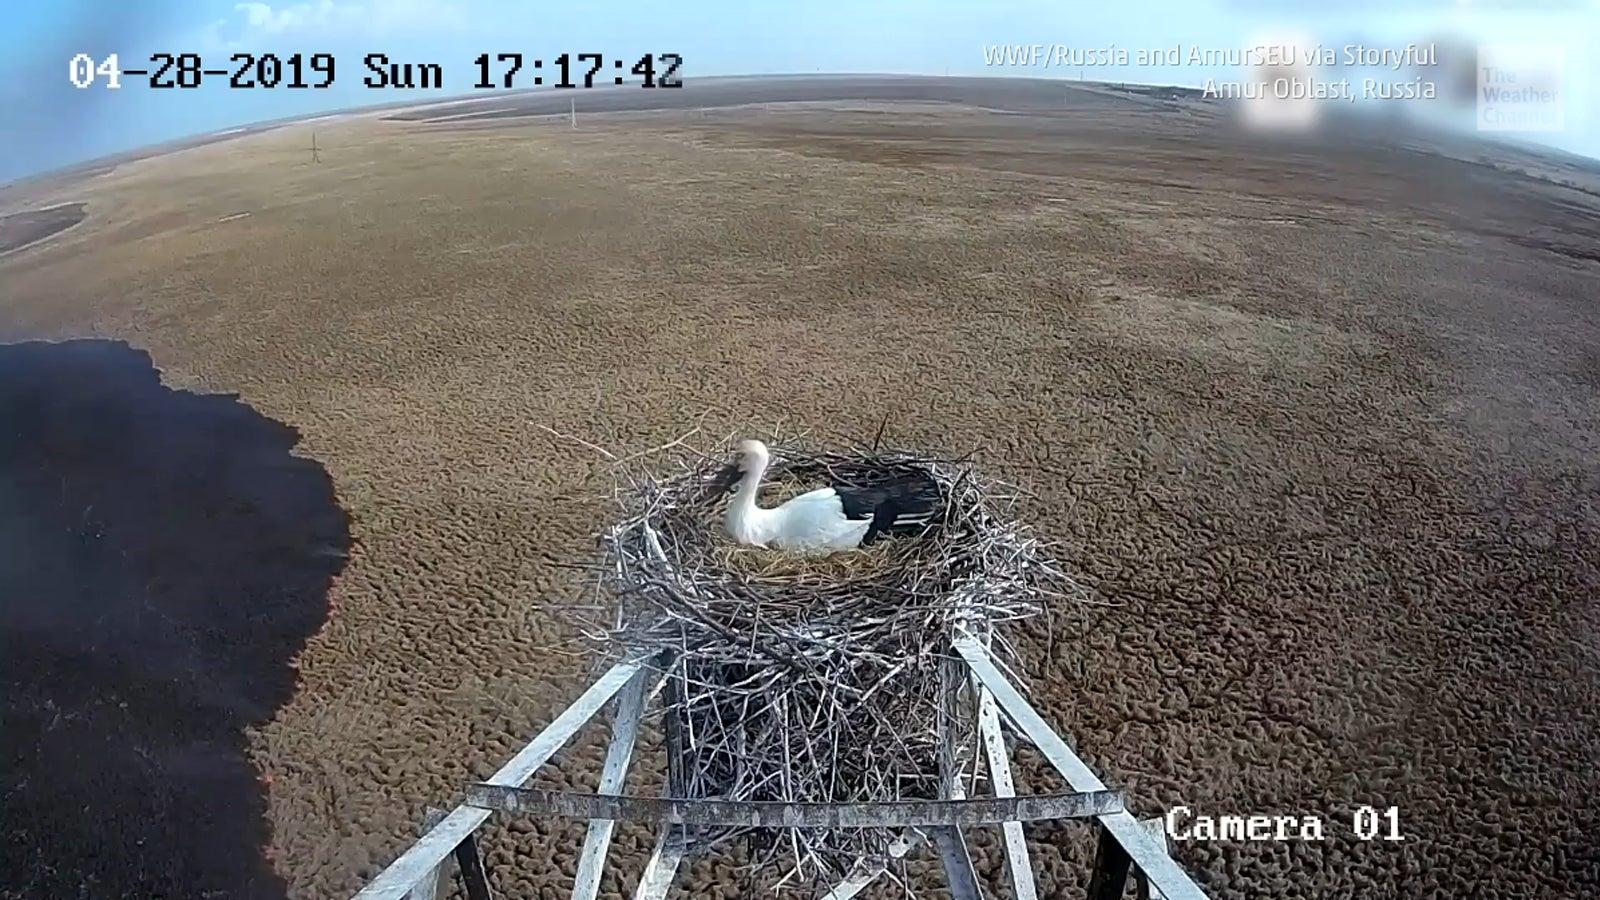 Aufnahmen einer Wildkamera des WWF zeigen einen vom Aussterben bedrohten Storch beim Brüten in Russland. Doch plötzlich wird die Szene dramatisch, ein riesiger Brand breitet sich unter dem Nest aus.